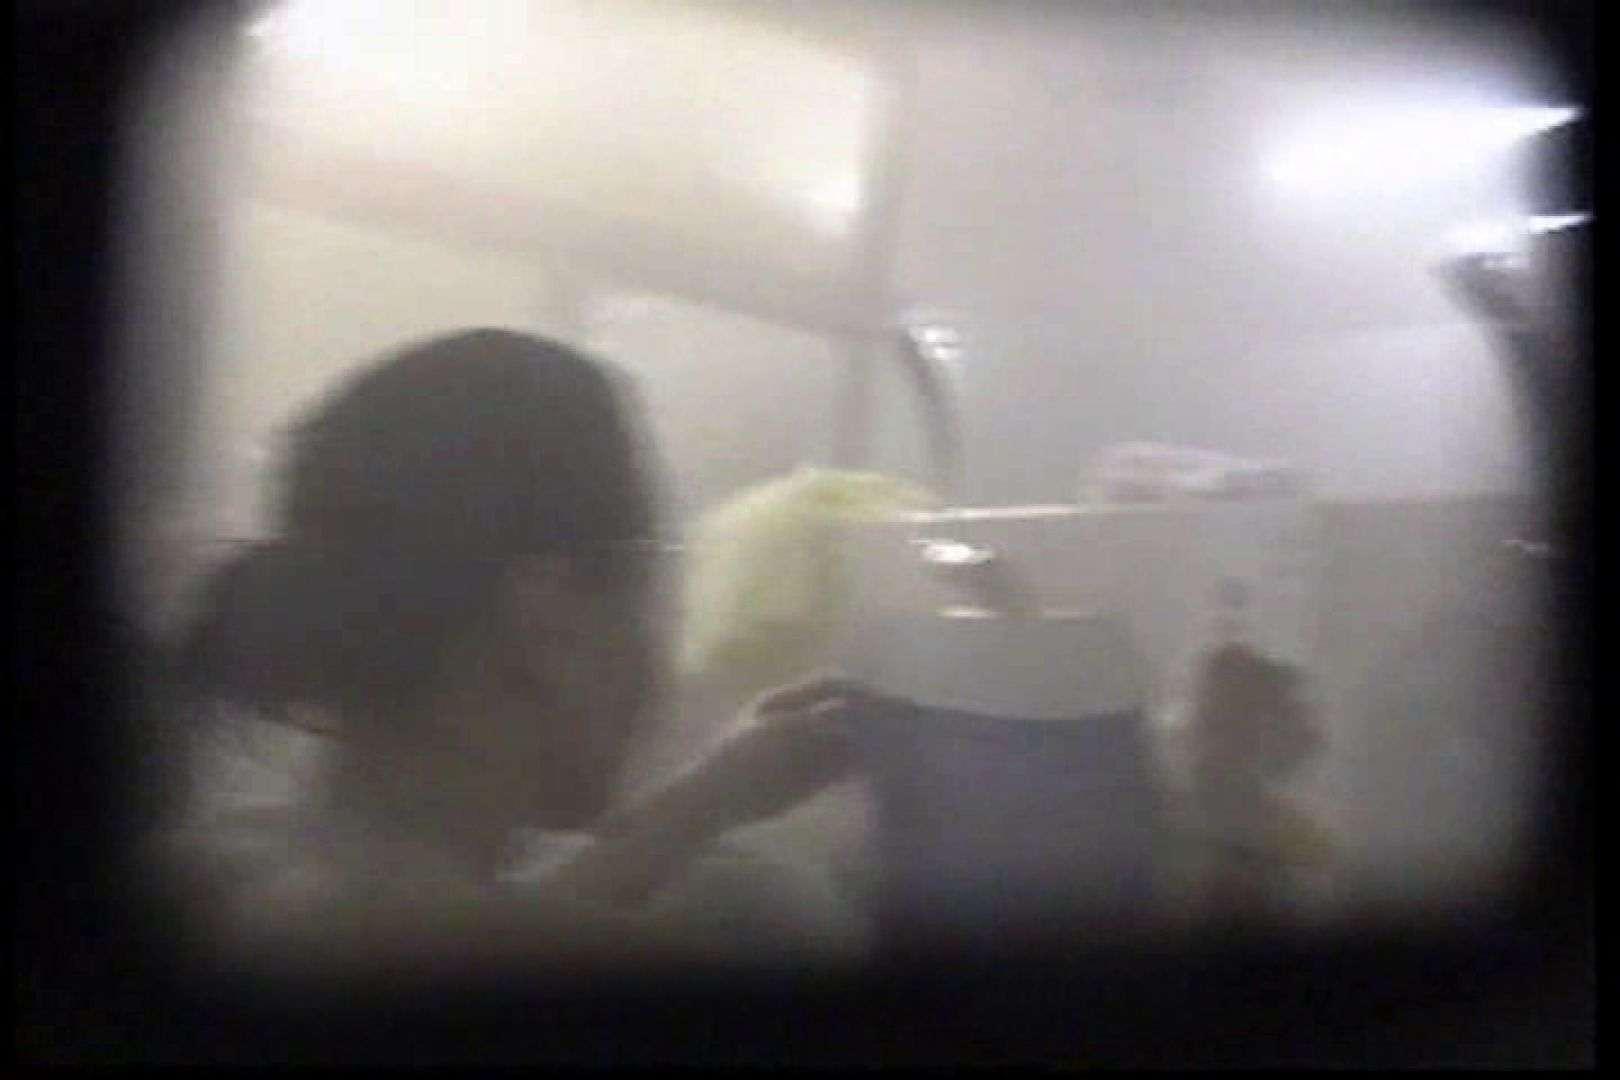 洗面器にカメラを仕込んで洗い場内を移動盗撮 TK-131 裸体   盗撮  93PICs 21